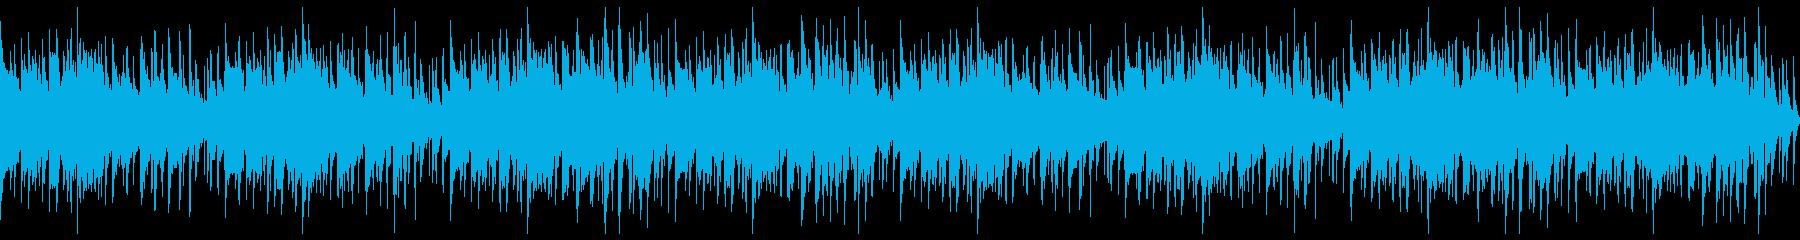 【ループ】古筝・琵琶で中国伝統風なBGMの再生済みの波形